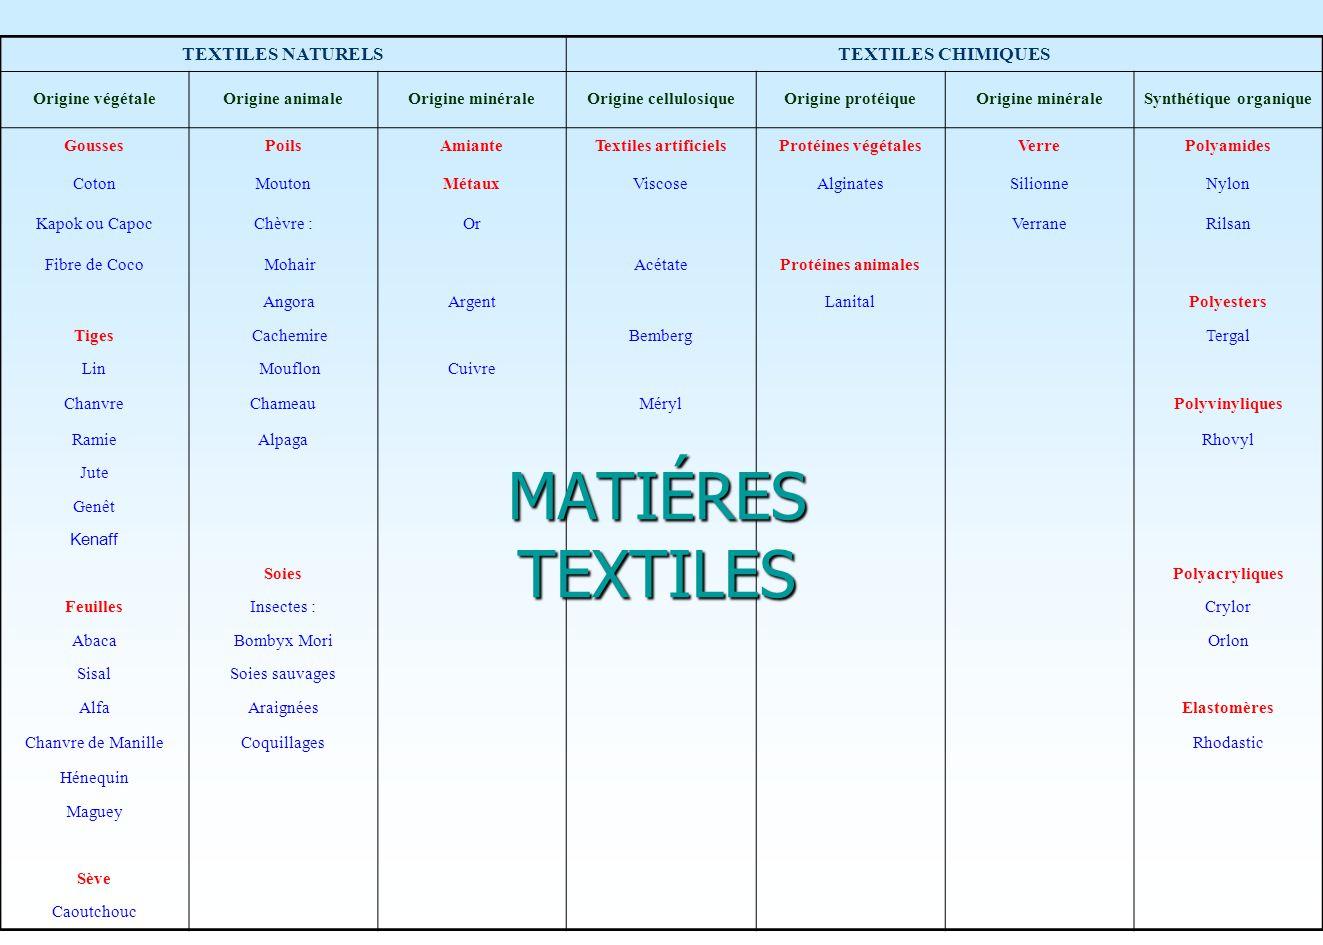 c)Origine minérale c) Origine minéraleAmiante Métaux (fils métalliques : or, argent et cuivre) Cest un minéral présentant une contexture fibreuse textile.